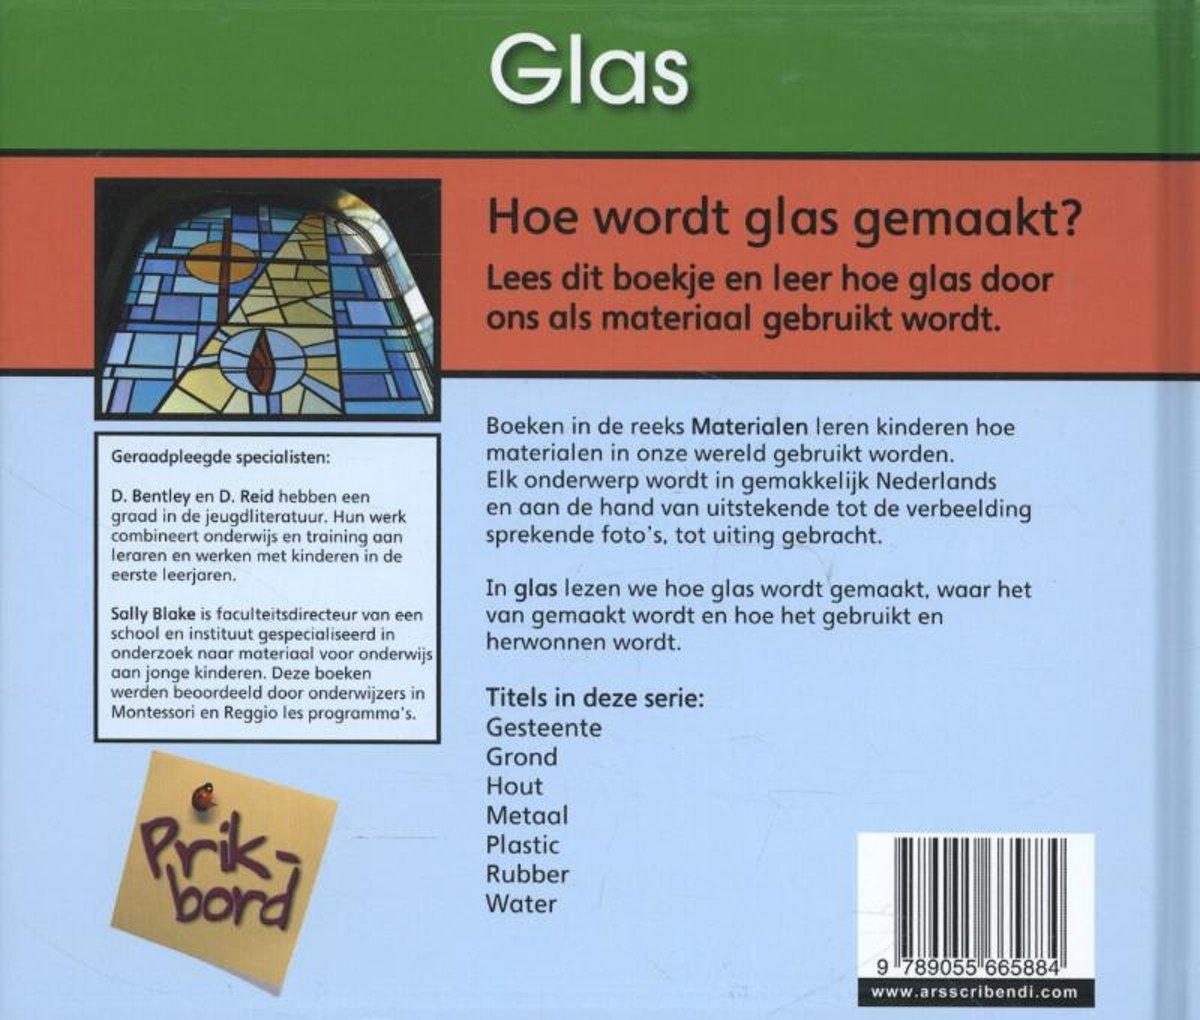 Waar Wordt Glas Van Gemaakt.Bol Com Materialen Prb Glas 9789055665884 Cassie